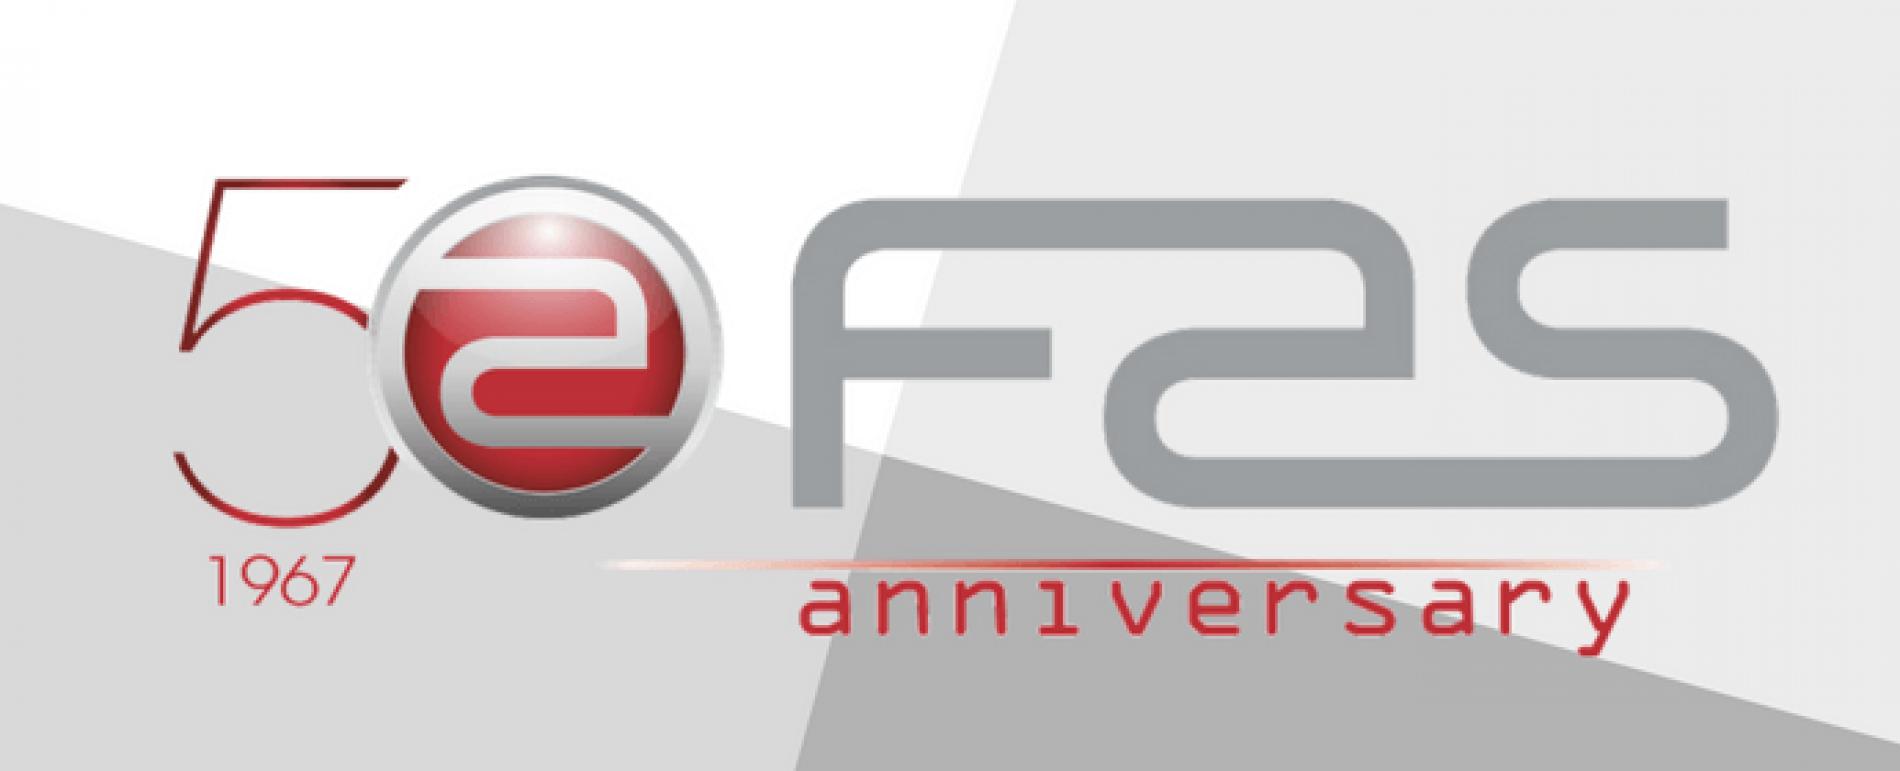 Annunciati i nuovi membri del team Fas International